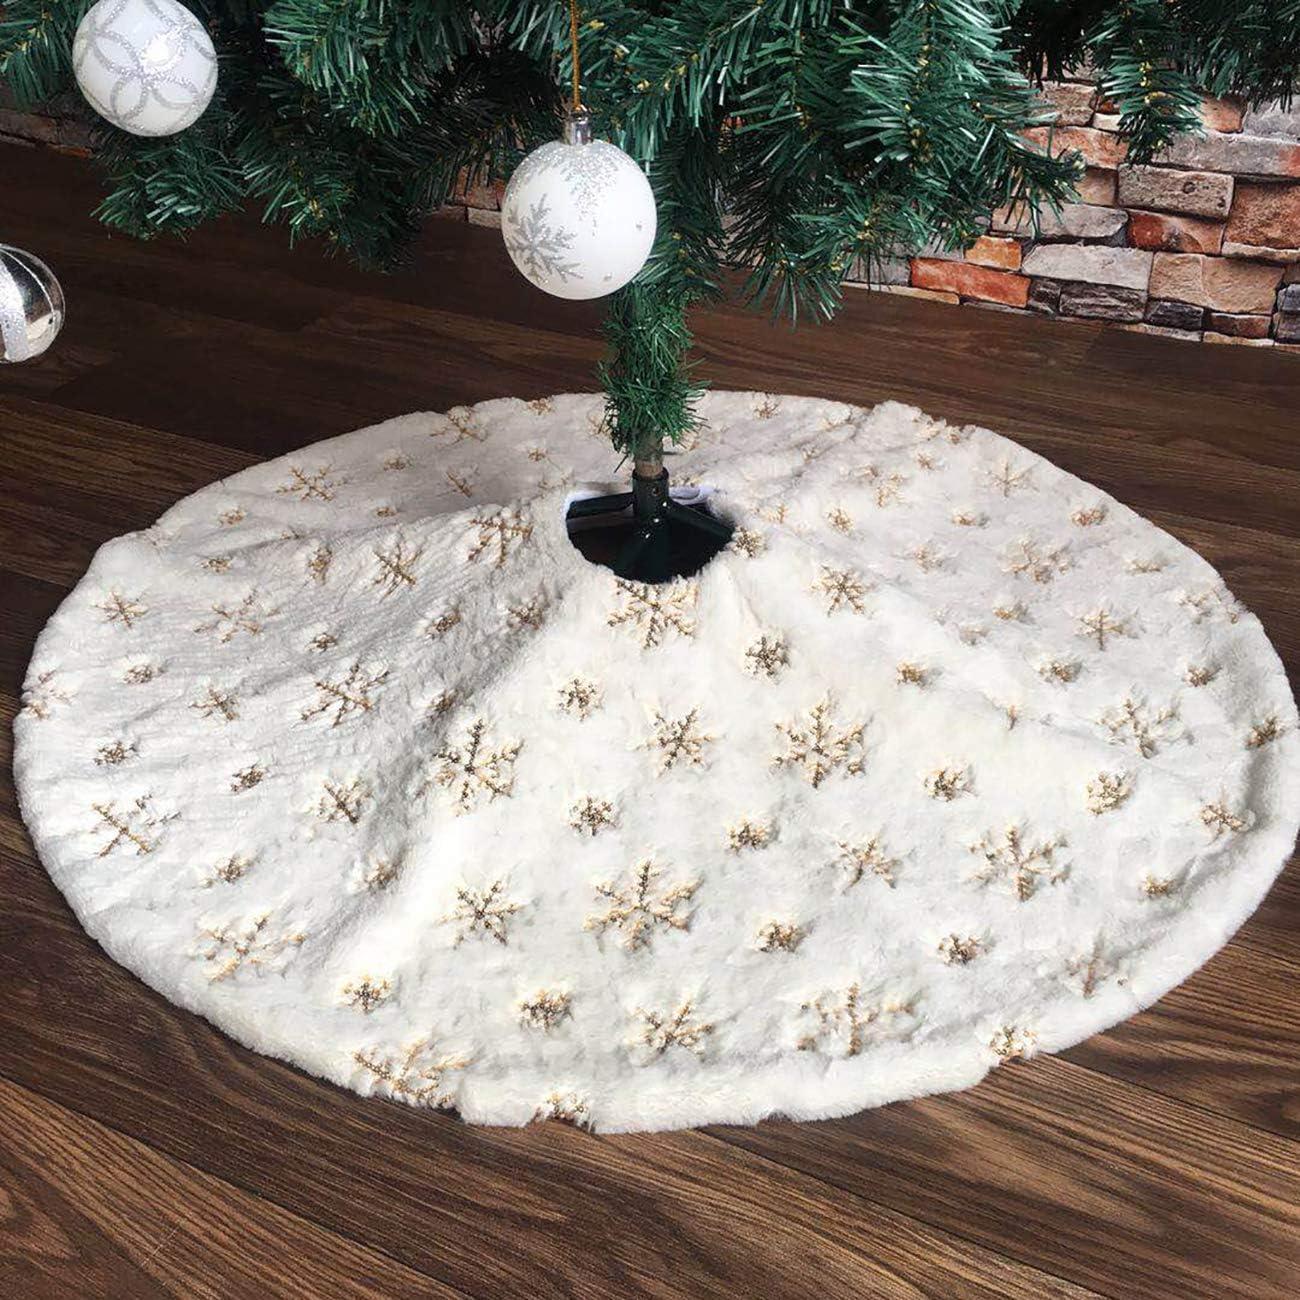 PICTURESQUE Falda Felpa Blanca Árbol de Navidad con Copo Dorado de ...